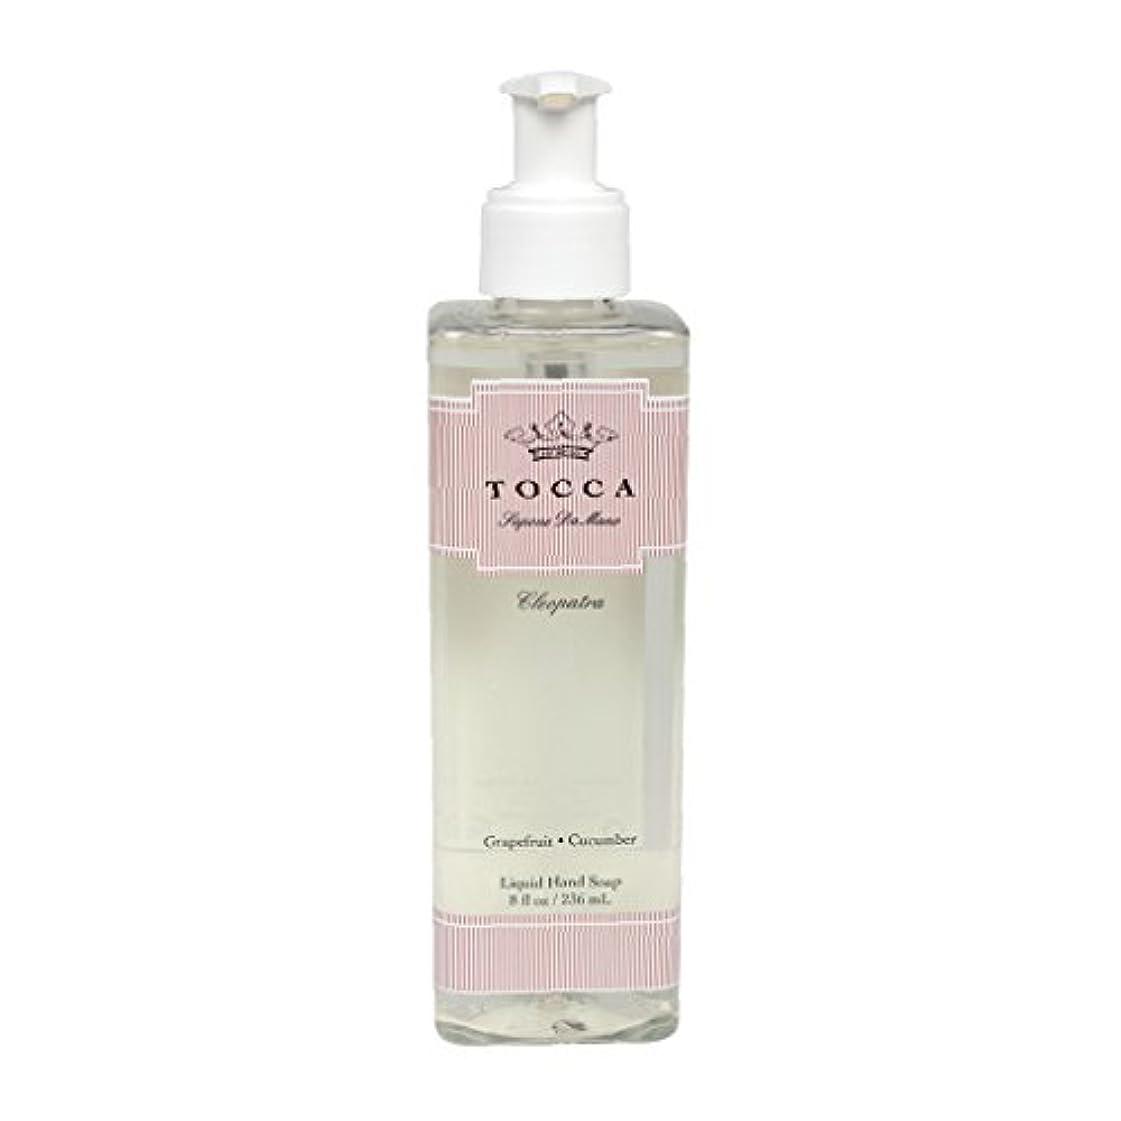 味わう聖なるデザイナートッカ(TOCCA) ハンドソープ クレオパトラの香り 236ml(手洗用 ポンプタイプ グレープフルーツとキューカンバーのフレッシュでクリーンな香り)